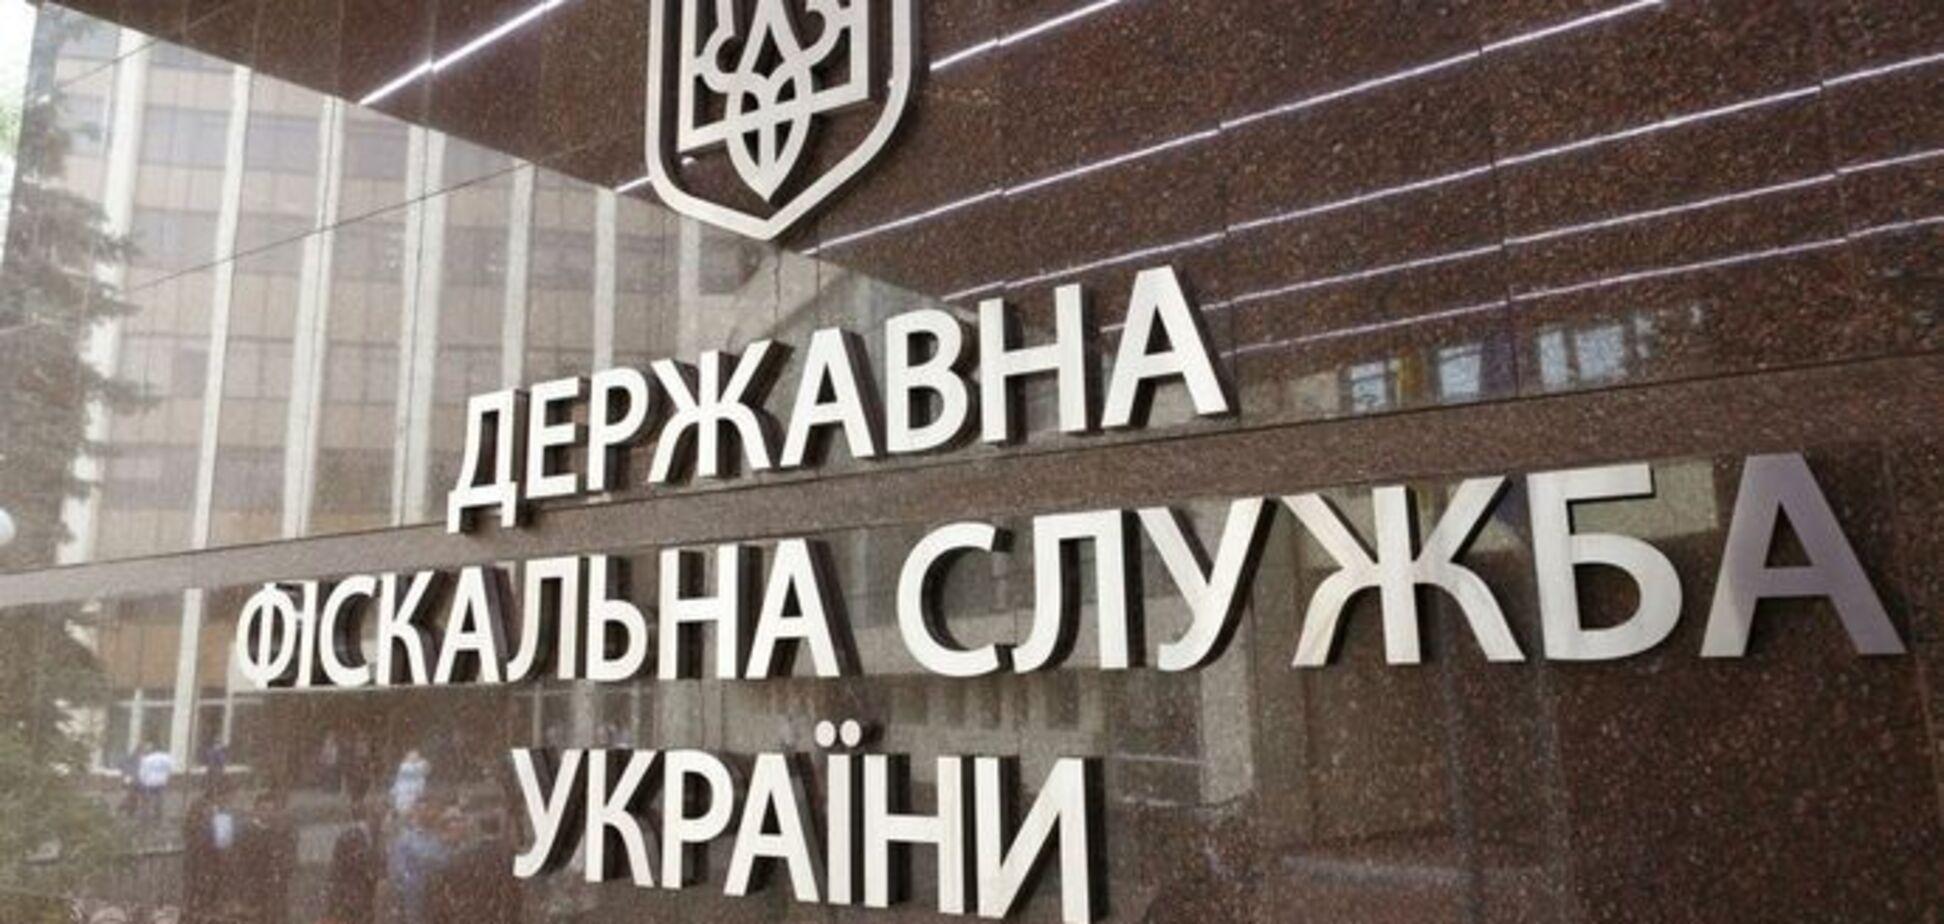 Назван самый богатый человек в ГФС Украины